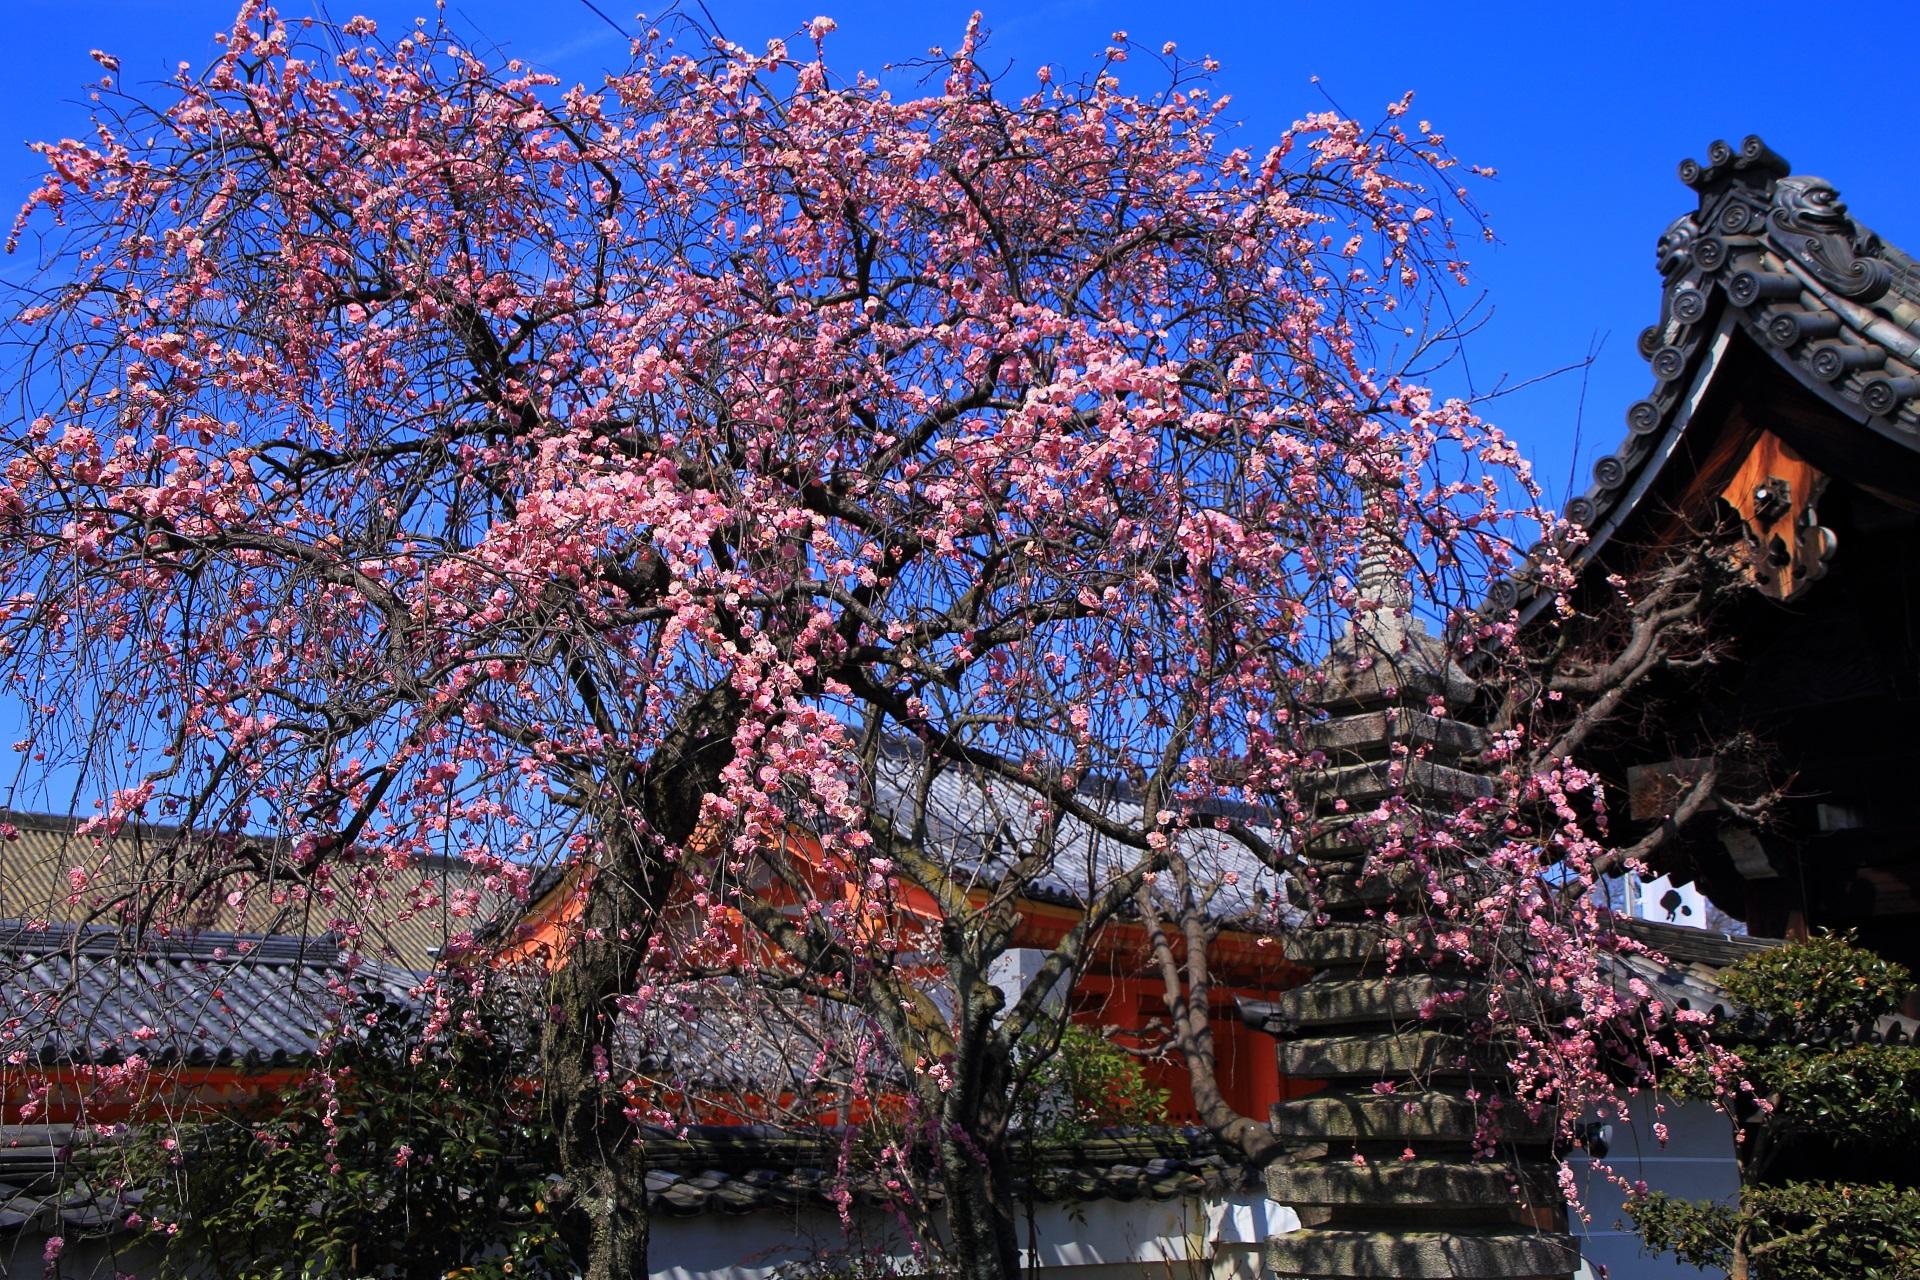 法住寺の青空に良く映えるピンクの梅と三十三間堂の門